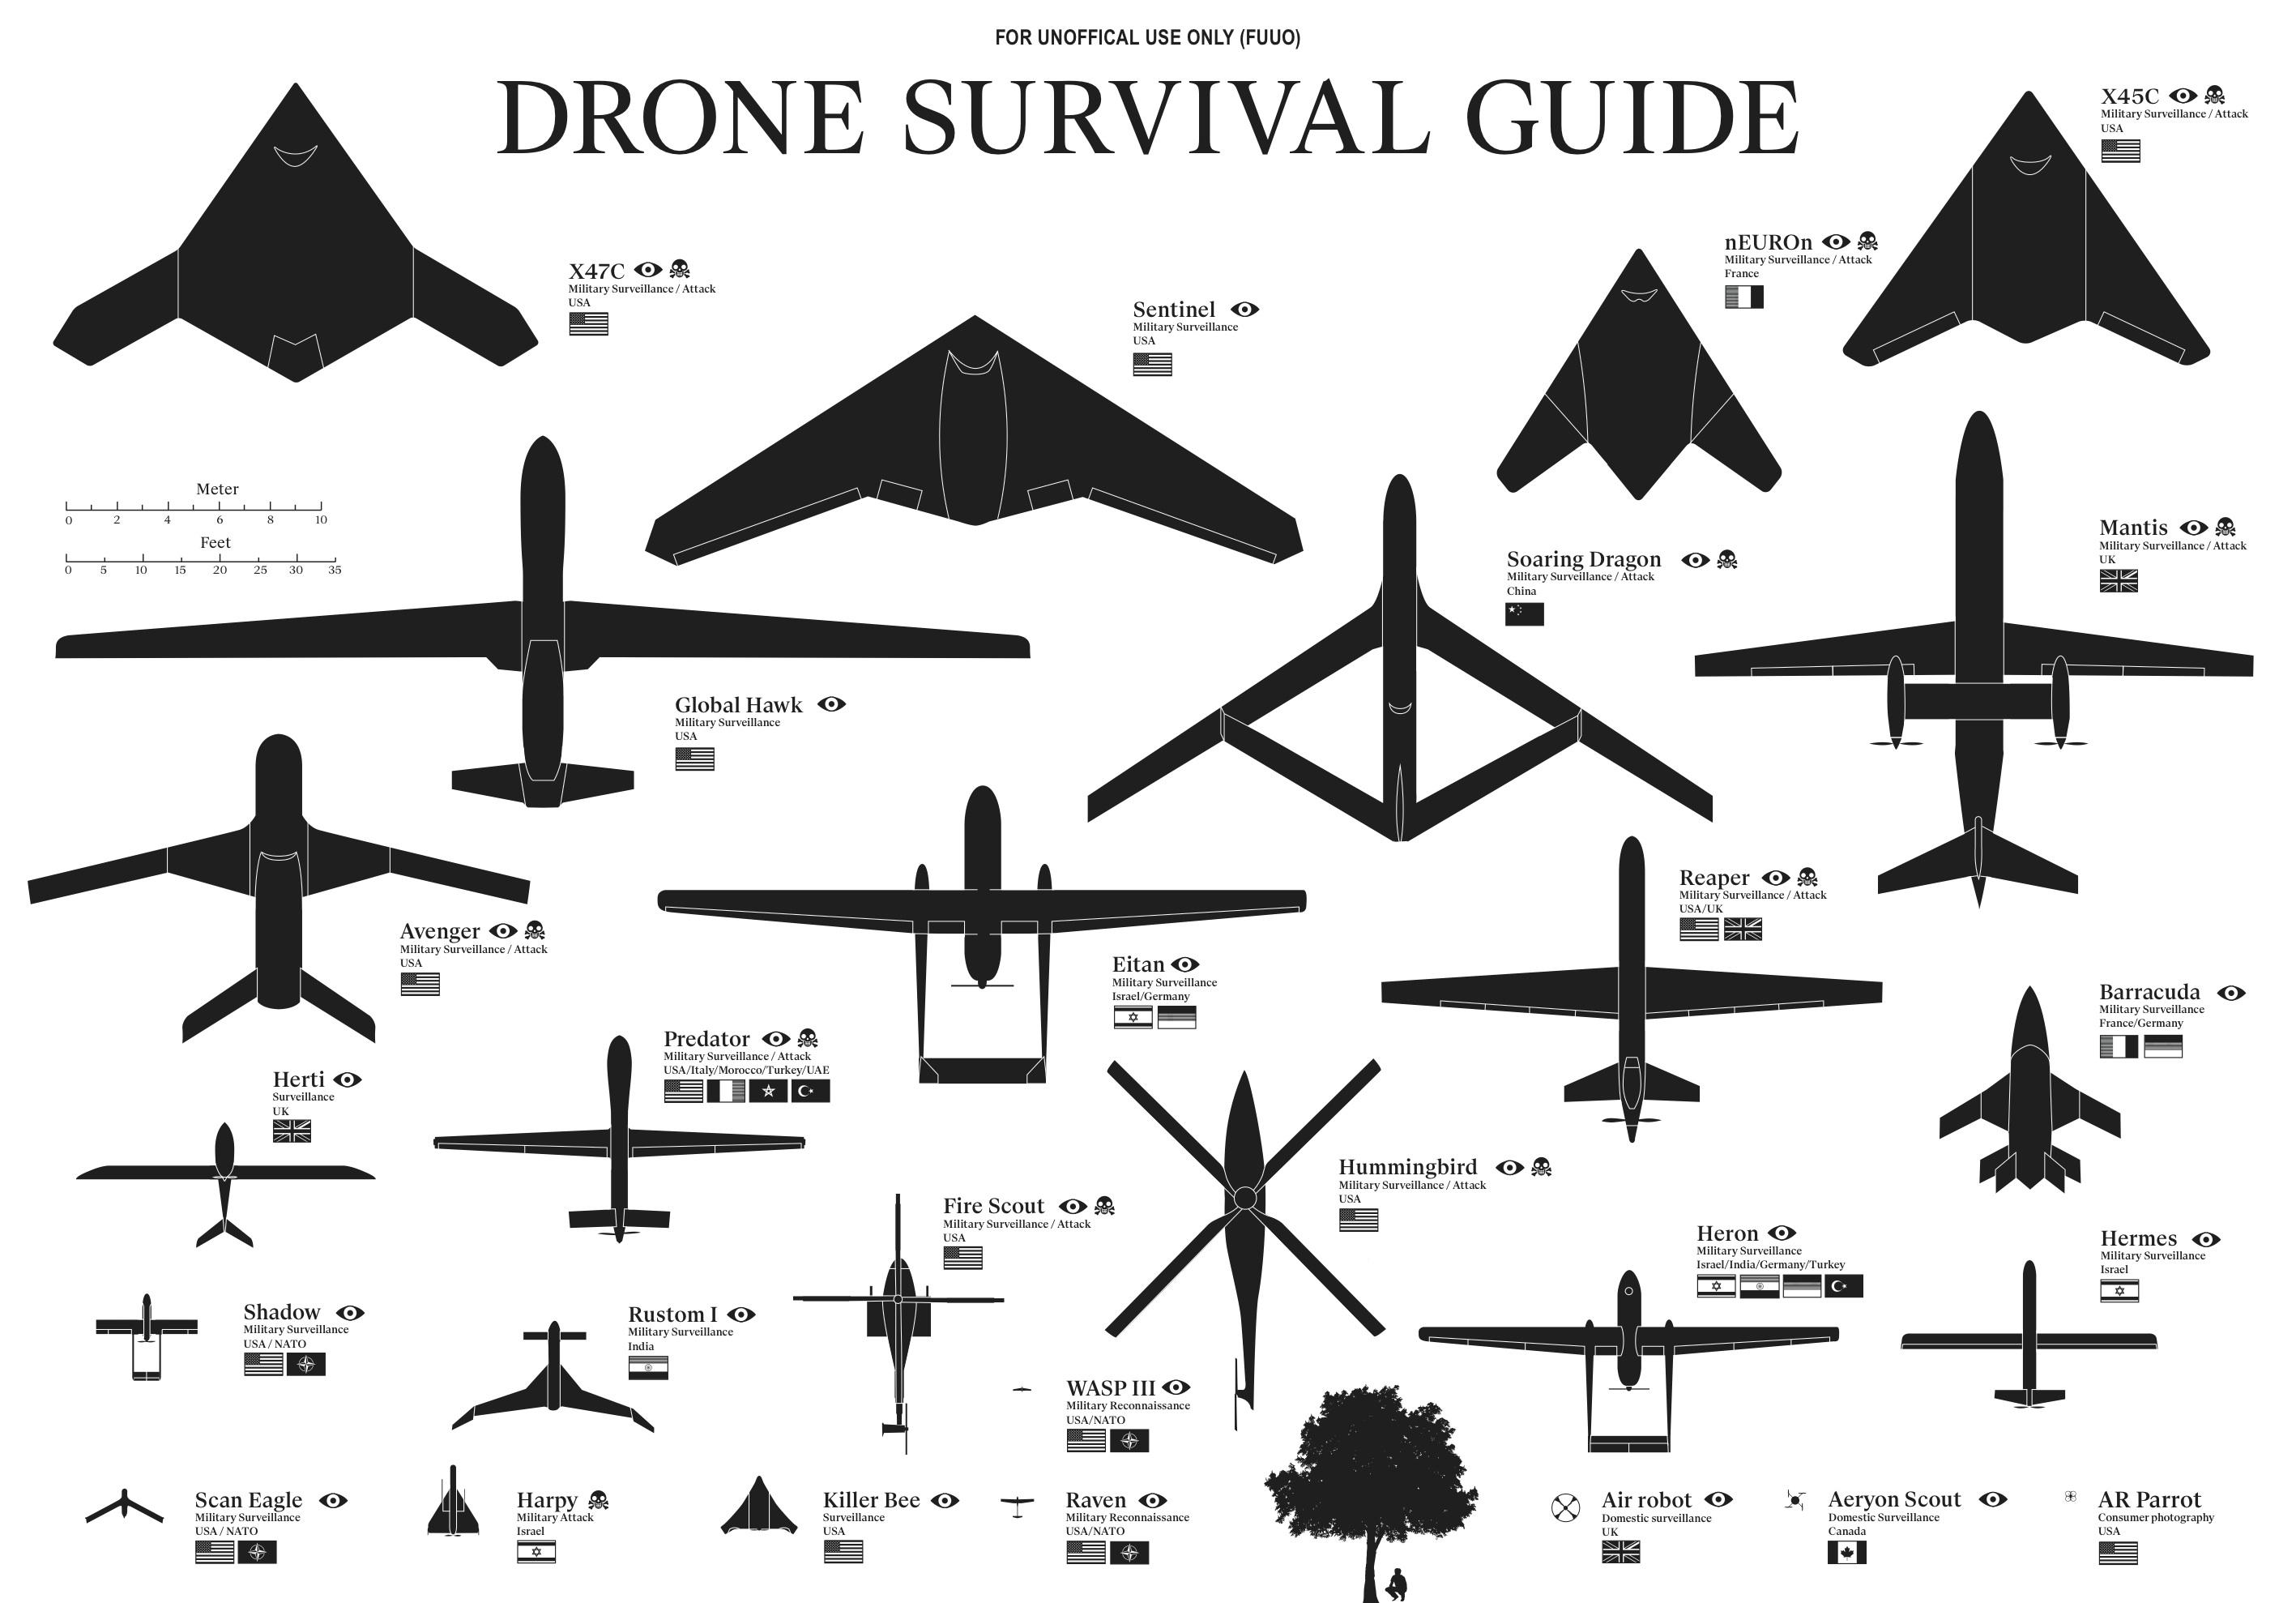 Survols de centrales nucléaires: ovni ou drones? - Page 2 Drone-Survival-Guide1